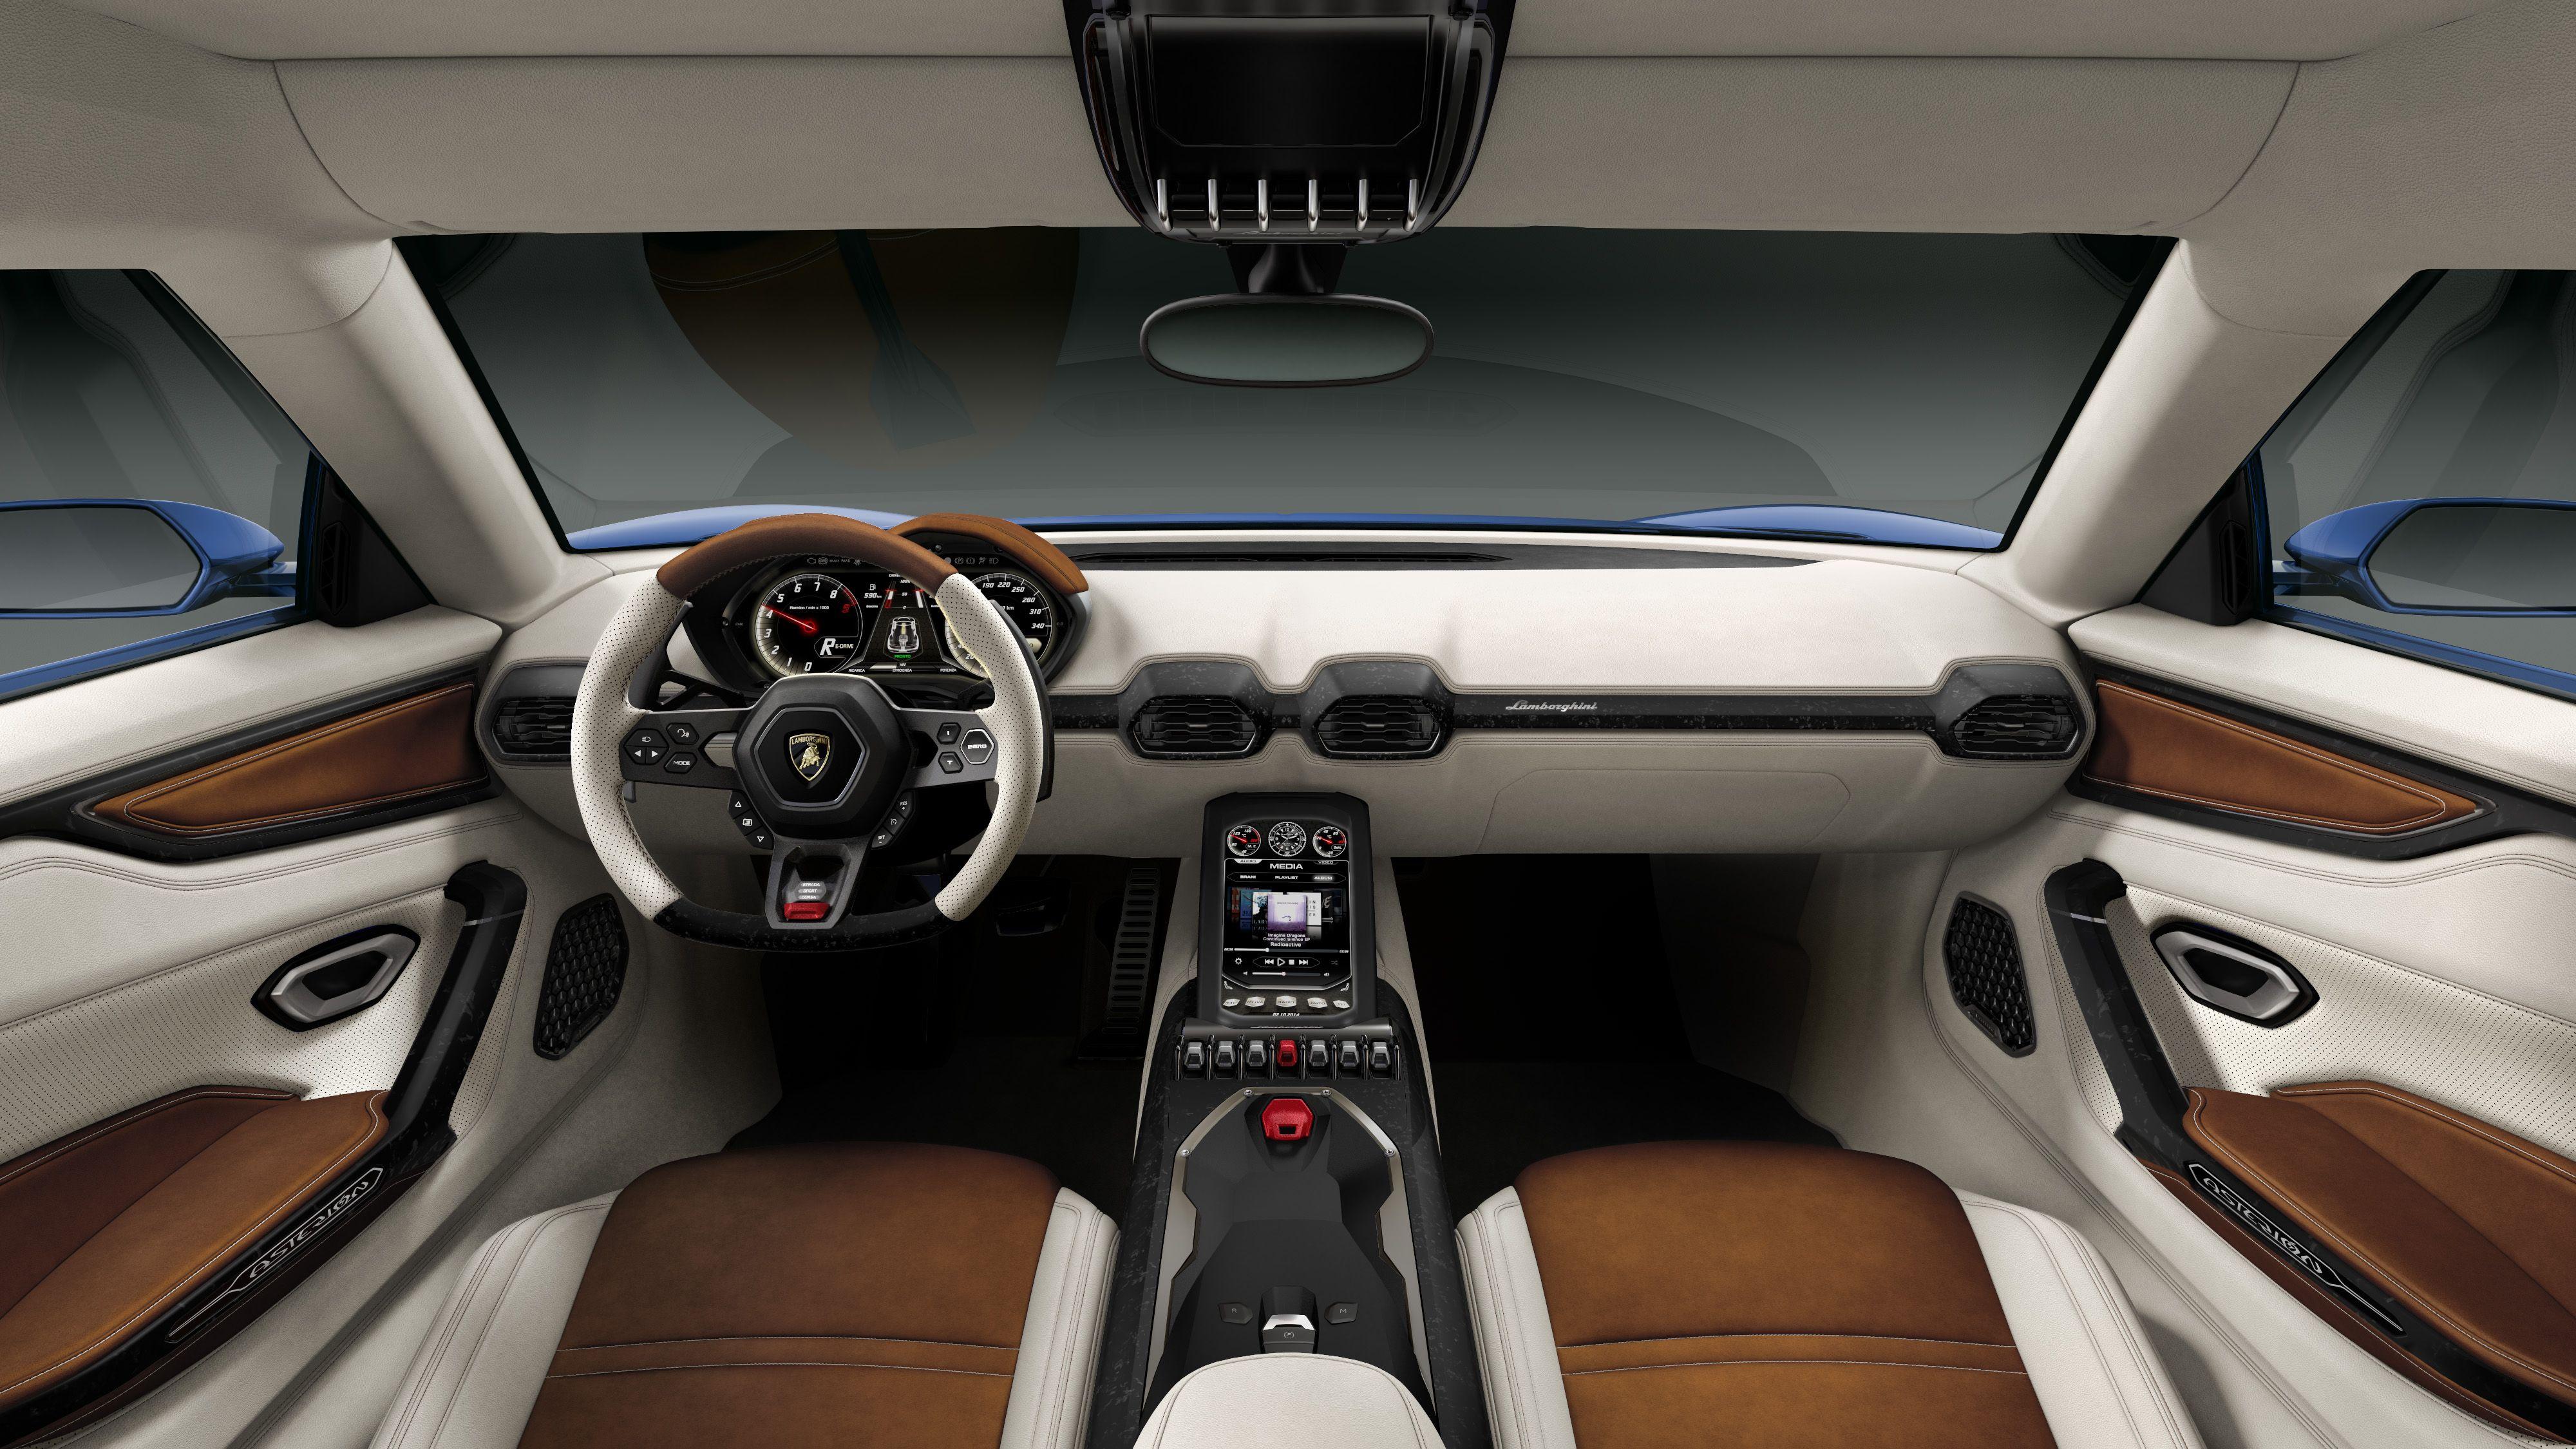 Lamborghini-Asterion-LPI-910-4-Interior.jpg (4000×2250)